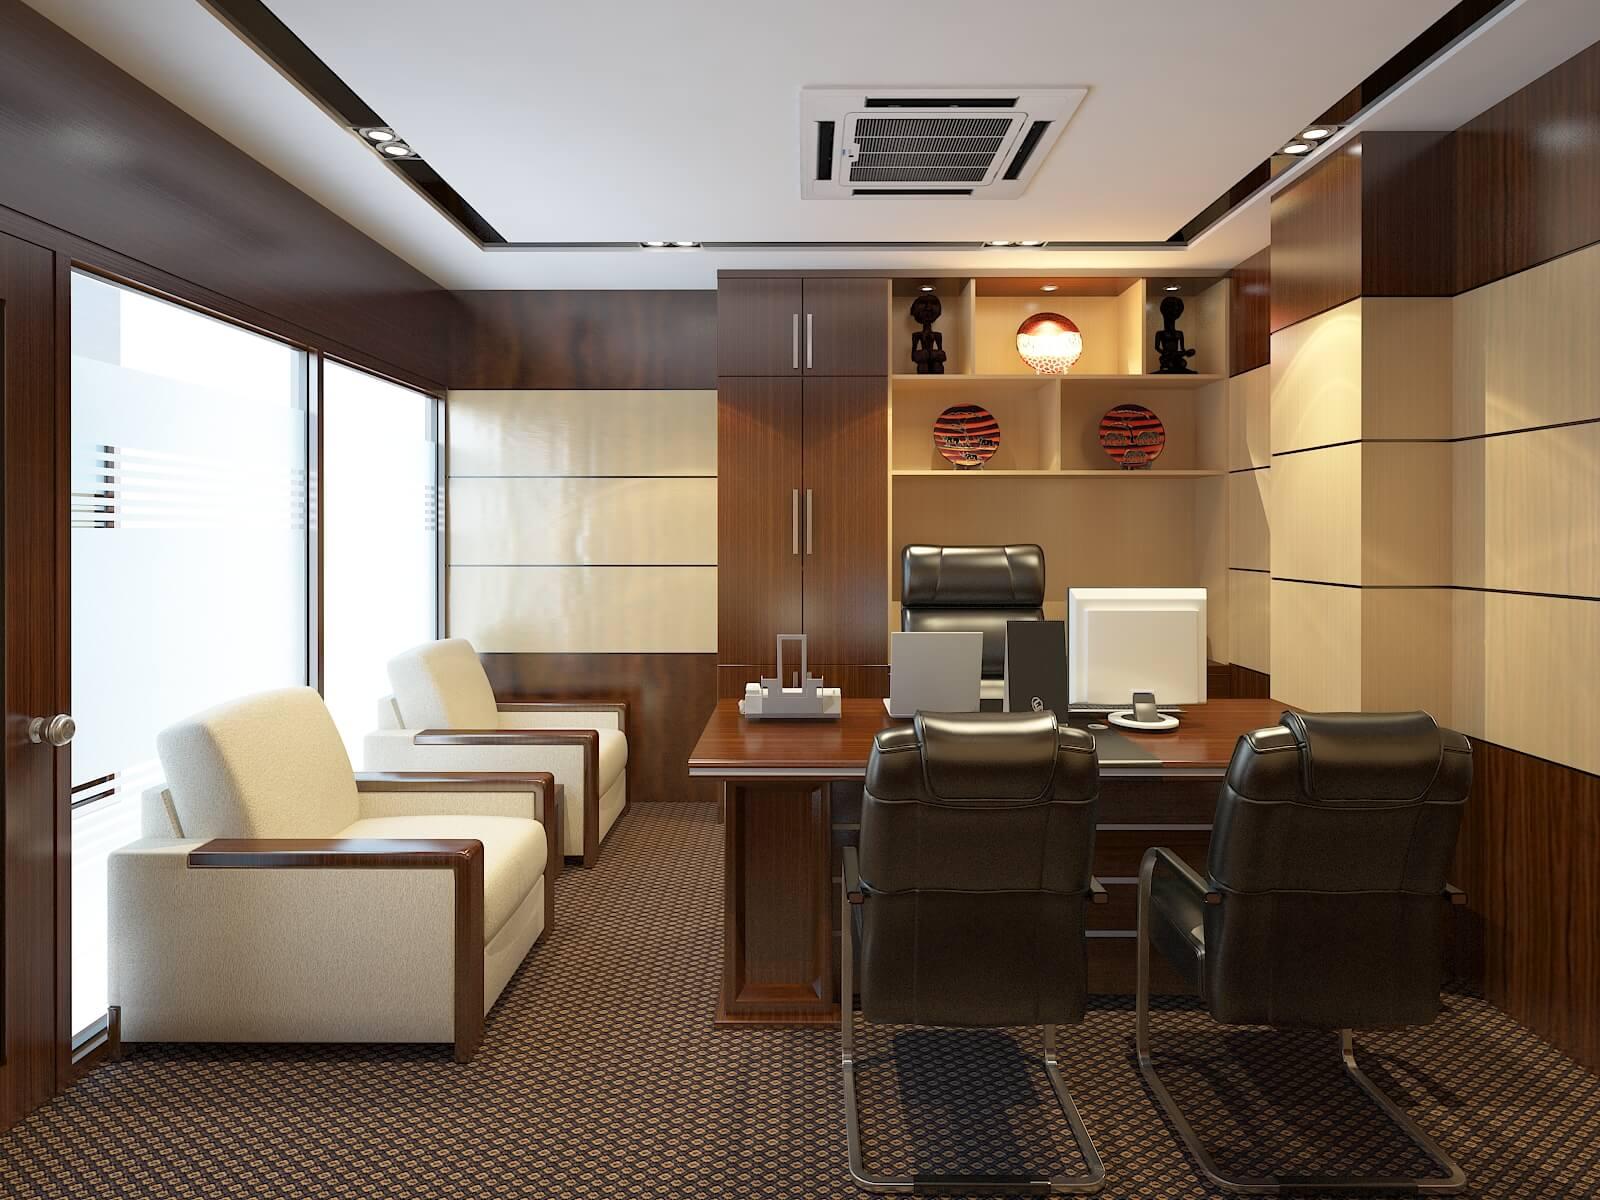 Không gian văn phòng sang trọng đầy ấn tượng sau khi Sơn văn phòng đẹp, chất lượng cao.